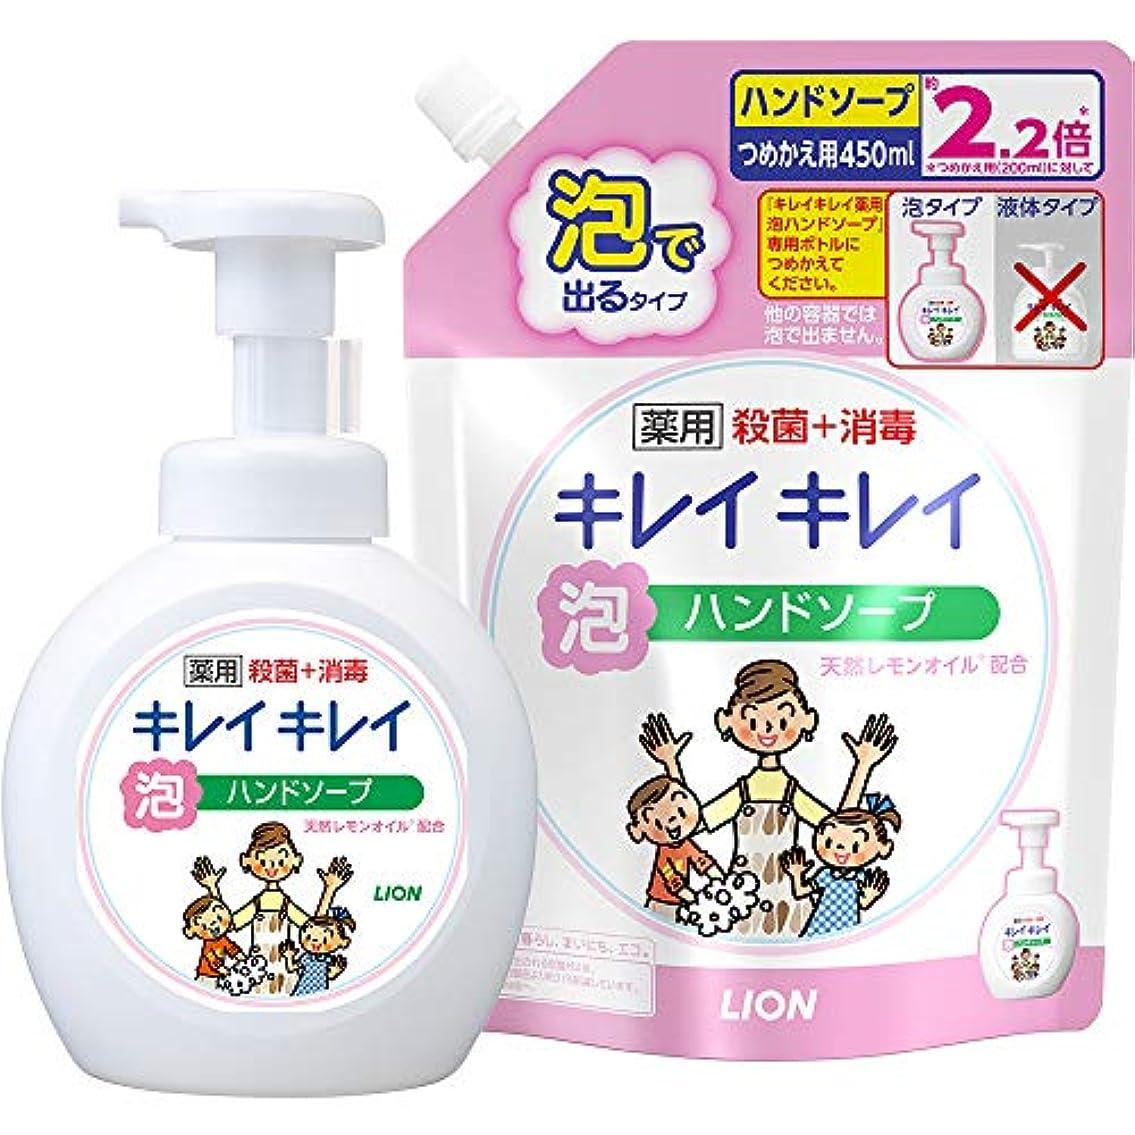 あいさつ予防接種する今まで(医薬部外品)キレイキレイ 薬用 泡ハンドソープ シトラスフルーティの香り 本体大型ポンプ500ml + 詰め替え450ml